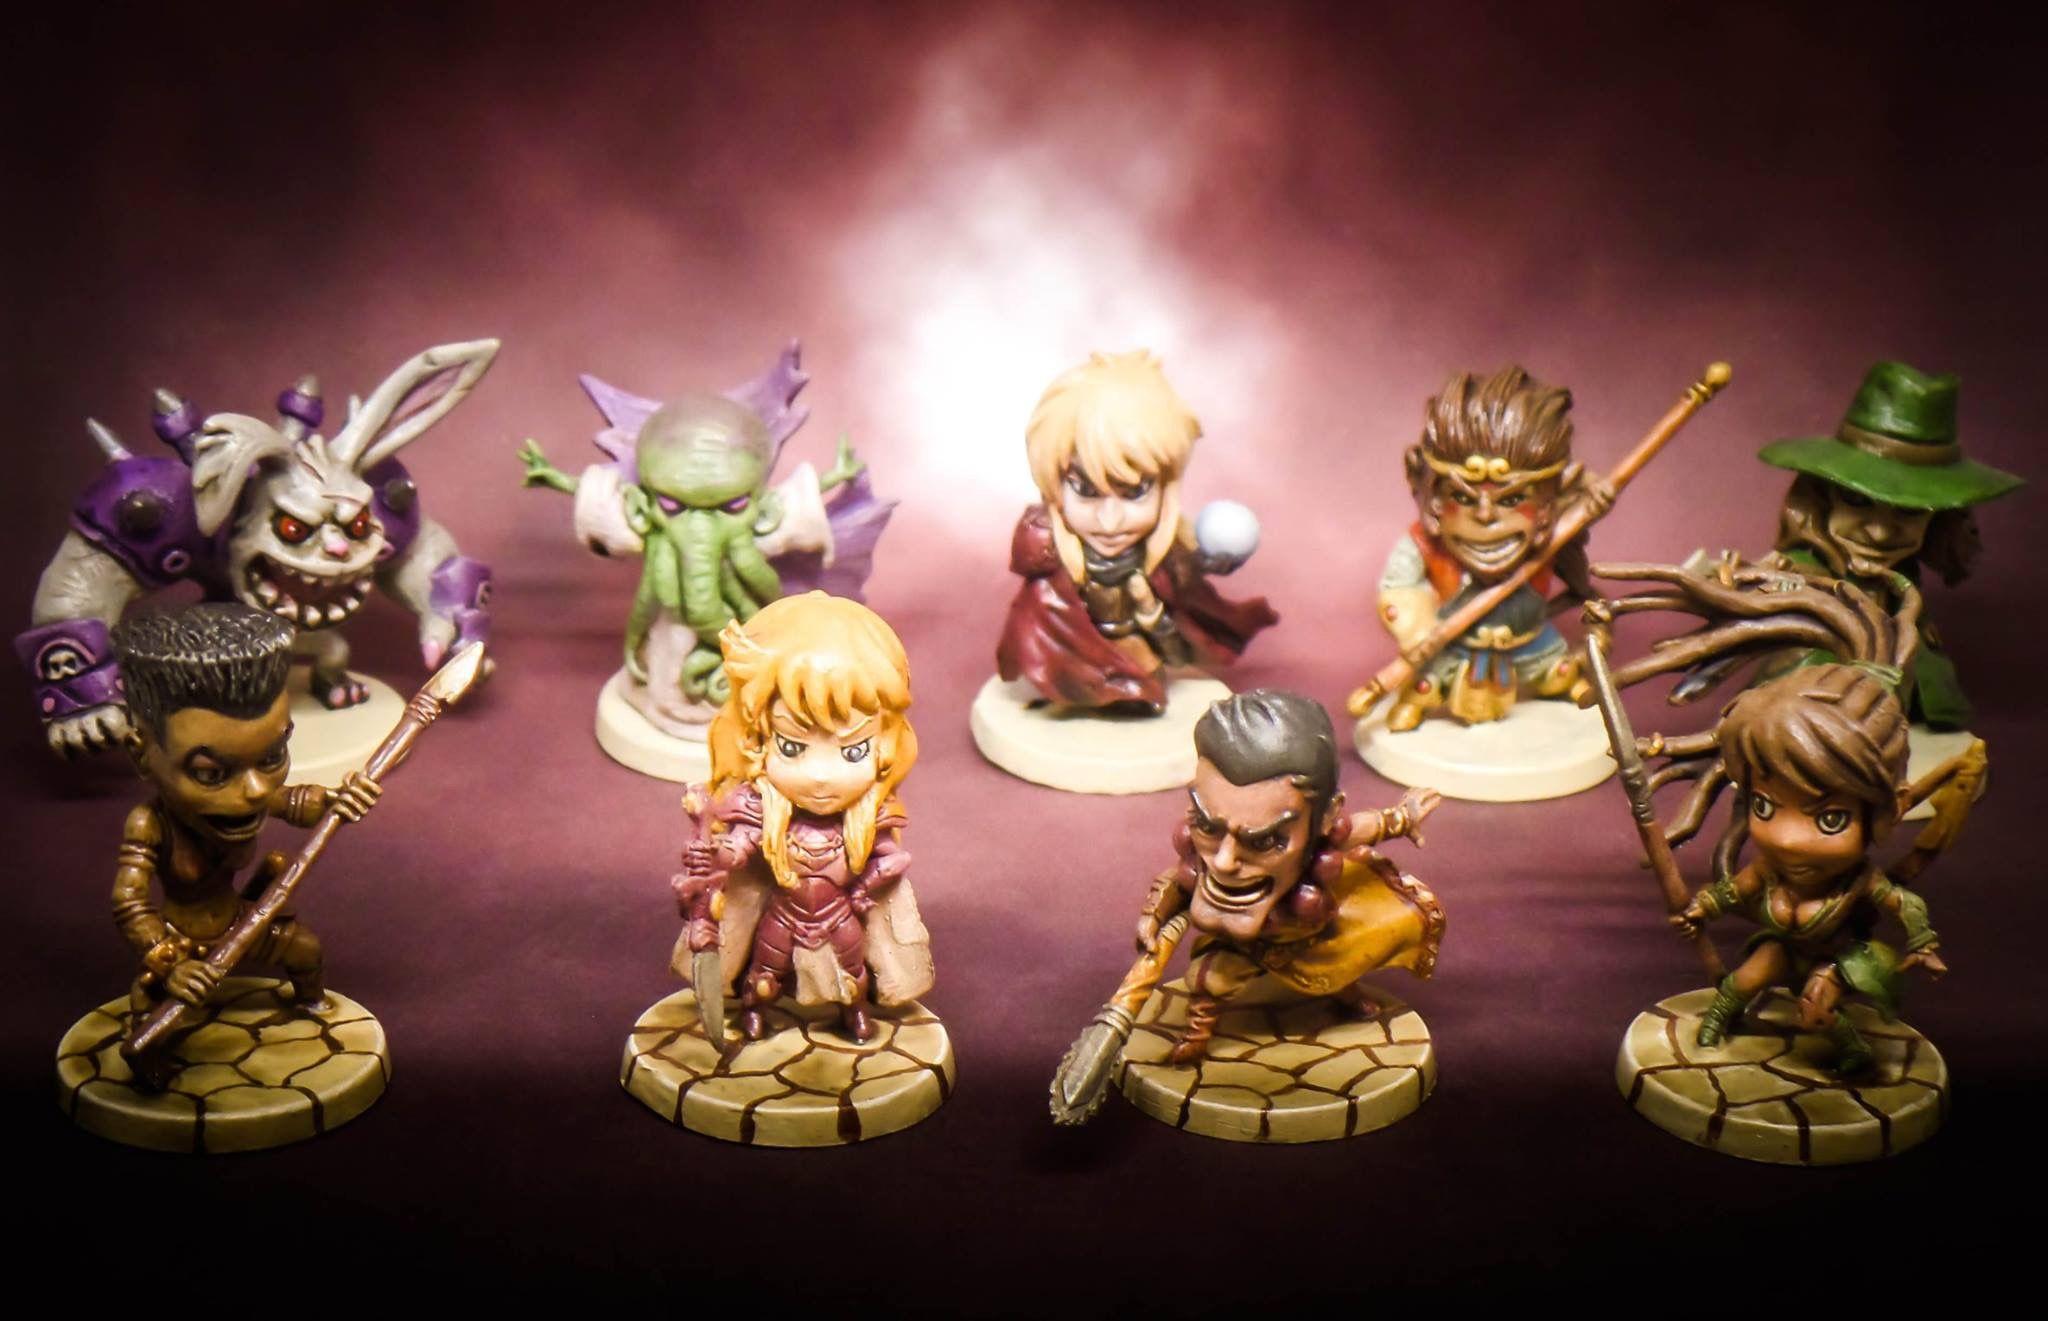 Figurines Arcadia Quest